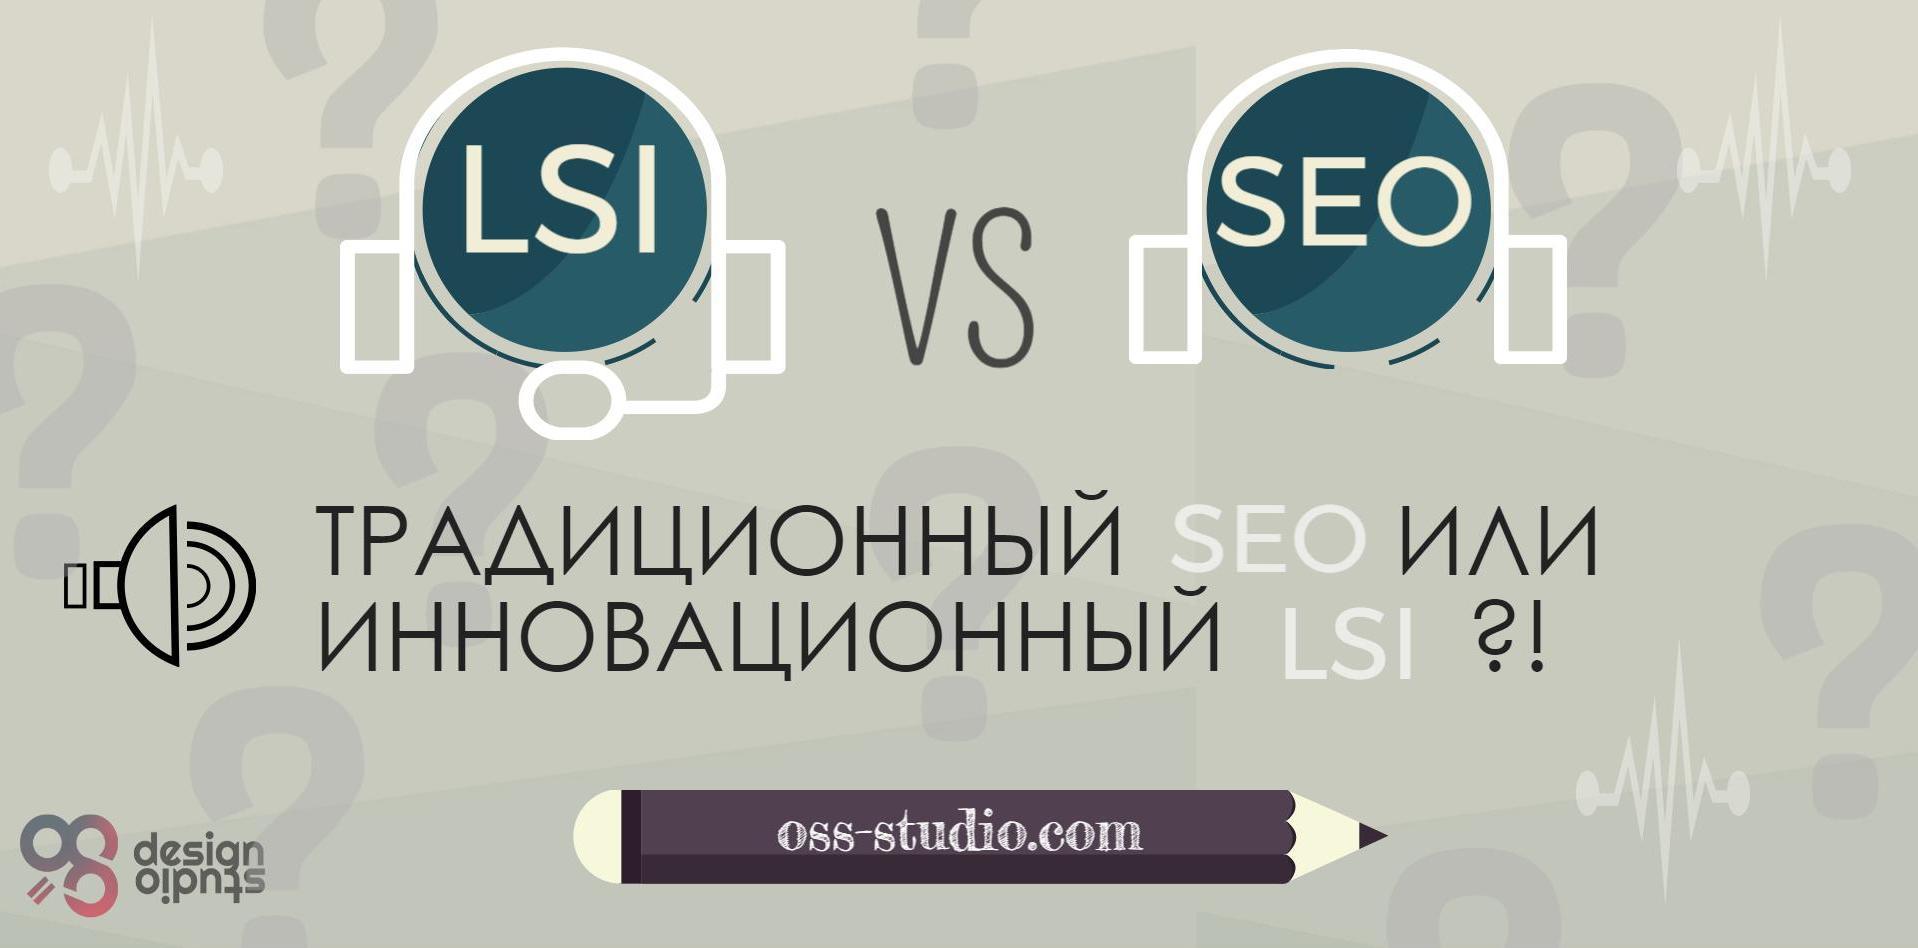 LSI - контент, отличия Lsi - копирайтинга от Seo - копирайтинга, отличия копирайтинга, виды копирайтинга